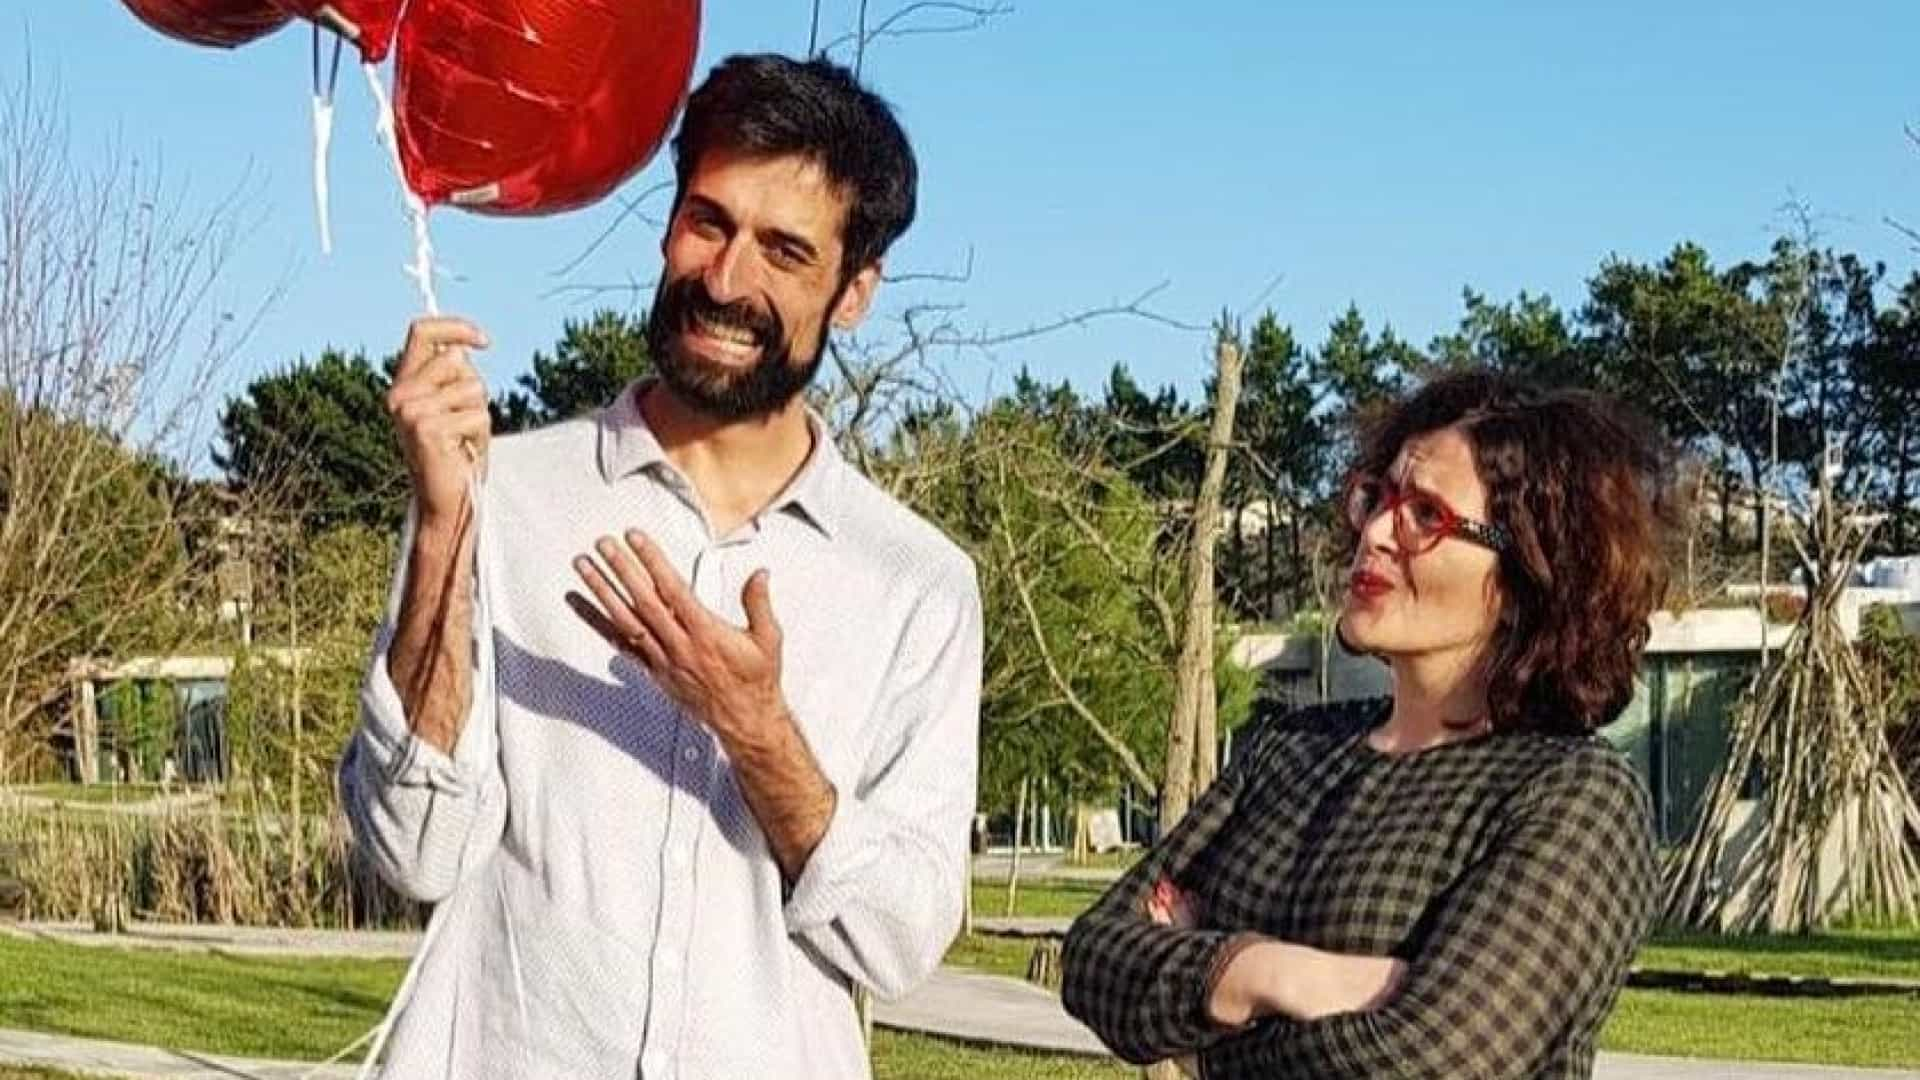 Trair ou não trair? A insólita conversa entre António e Catarina Raminhos